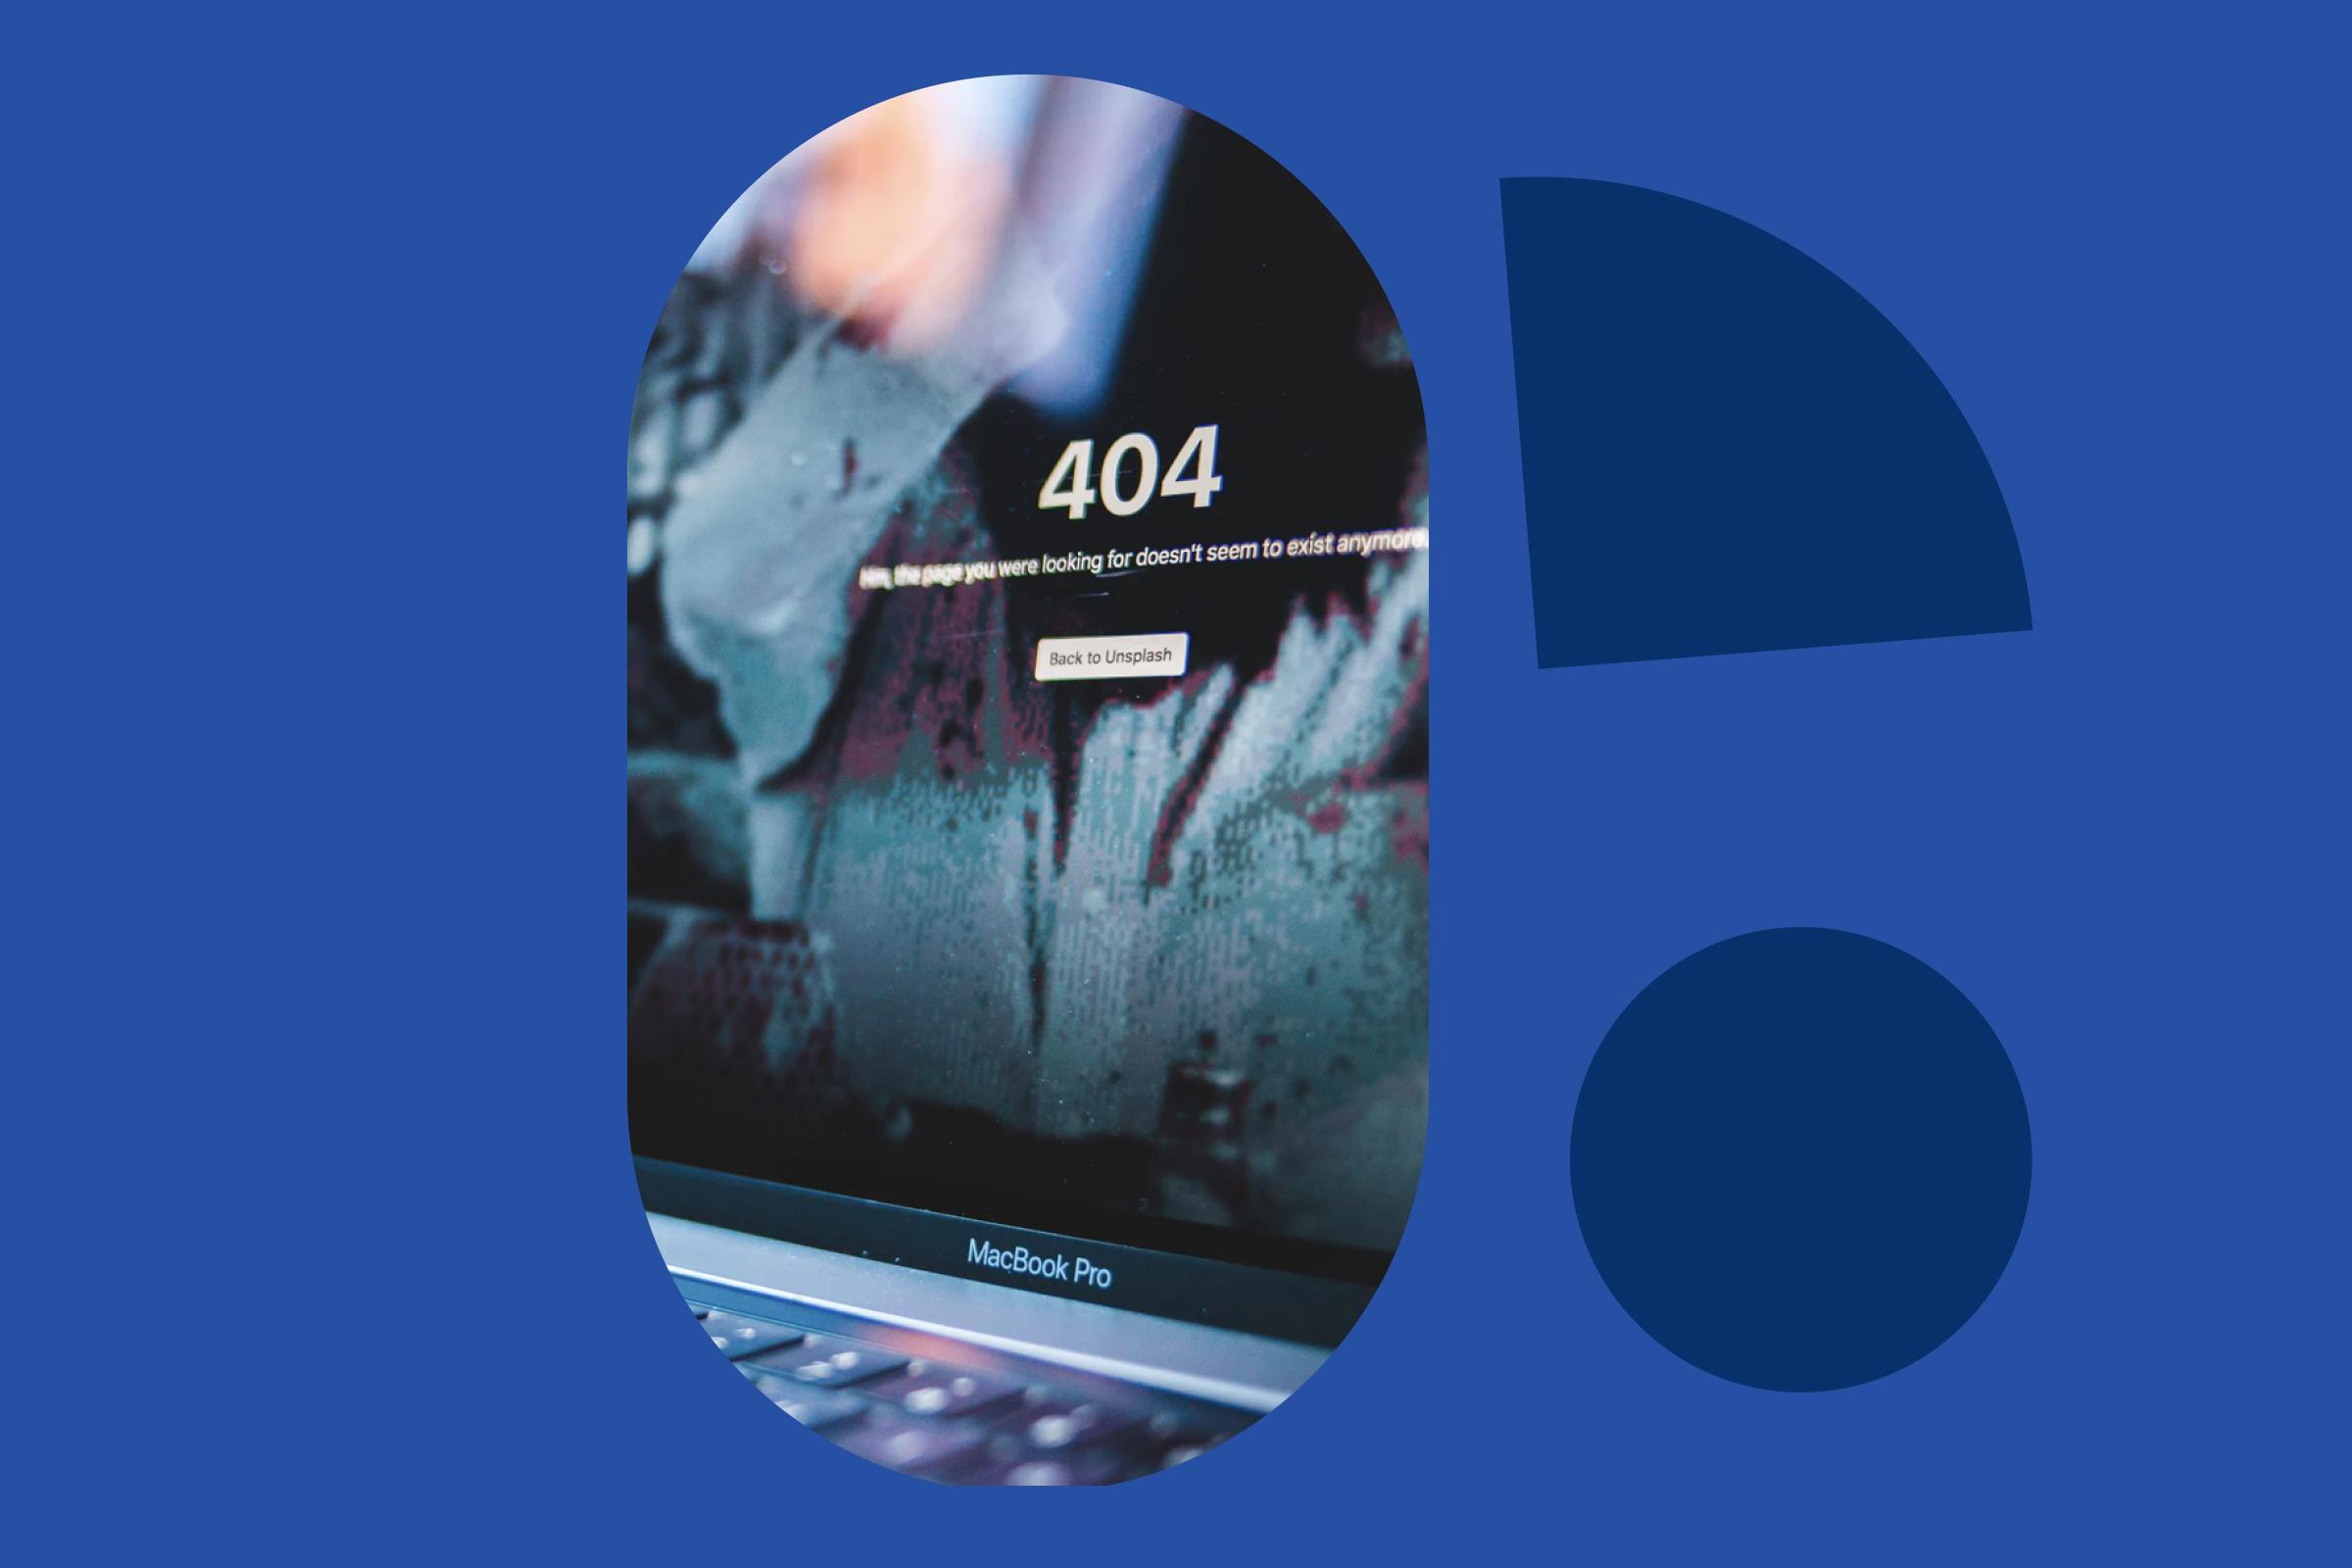 Обработка ошибок, возникающих при работе с пикселем Facebook и «Помощником по пикселям Facebook»